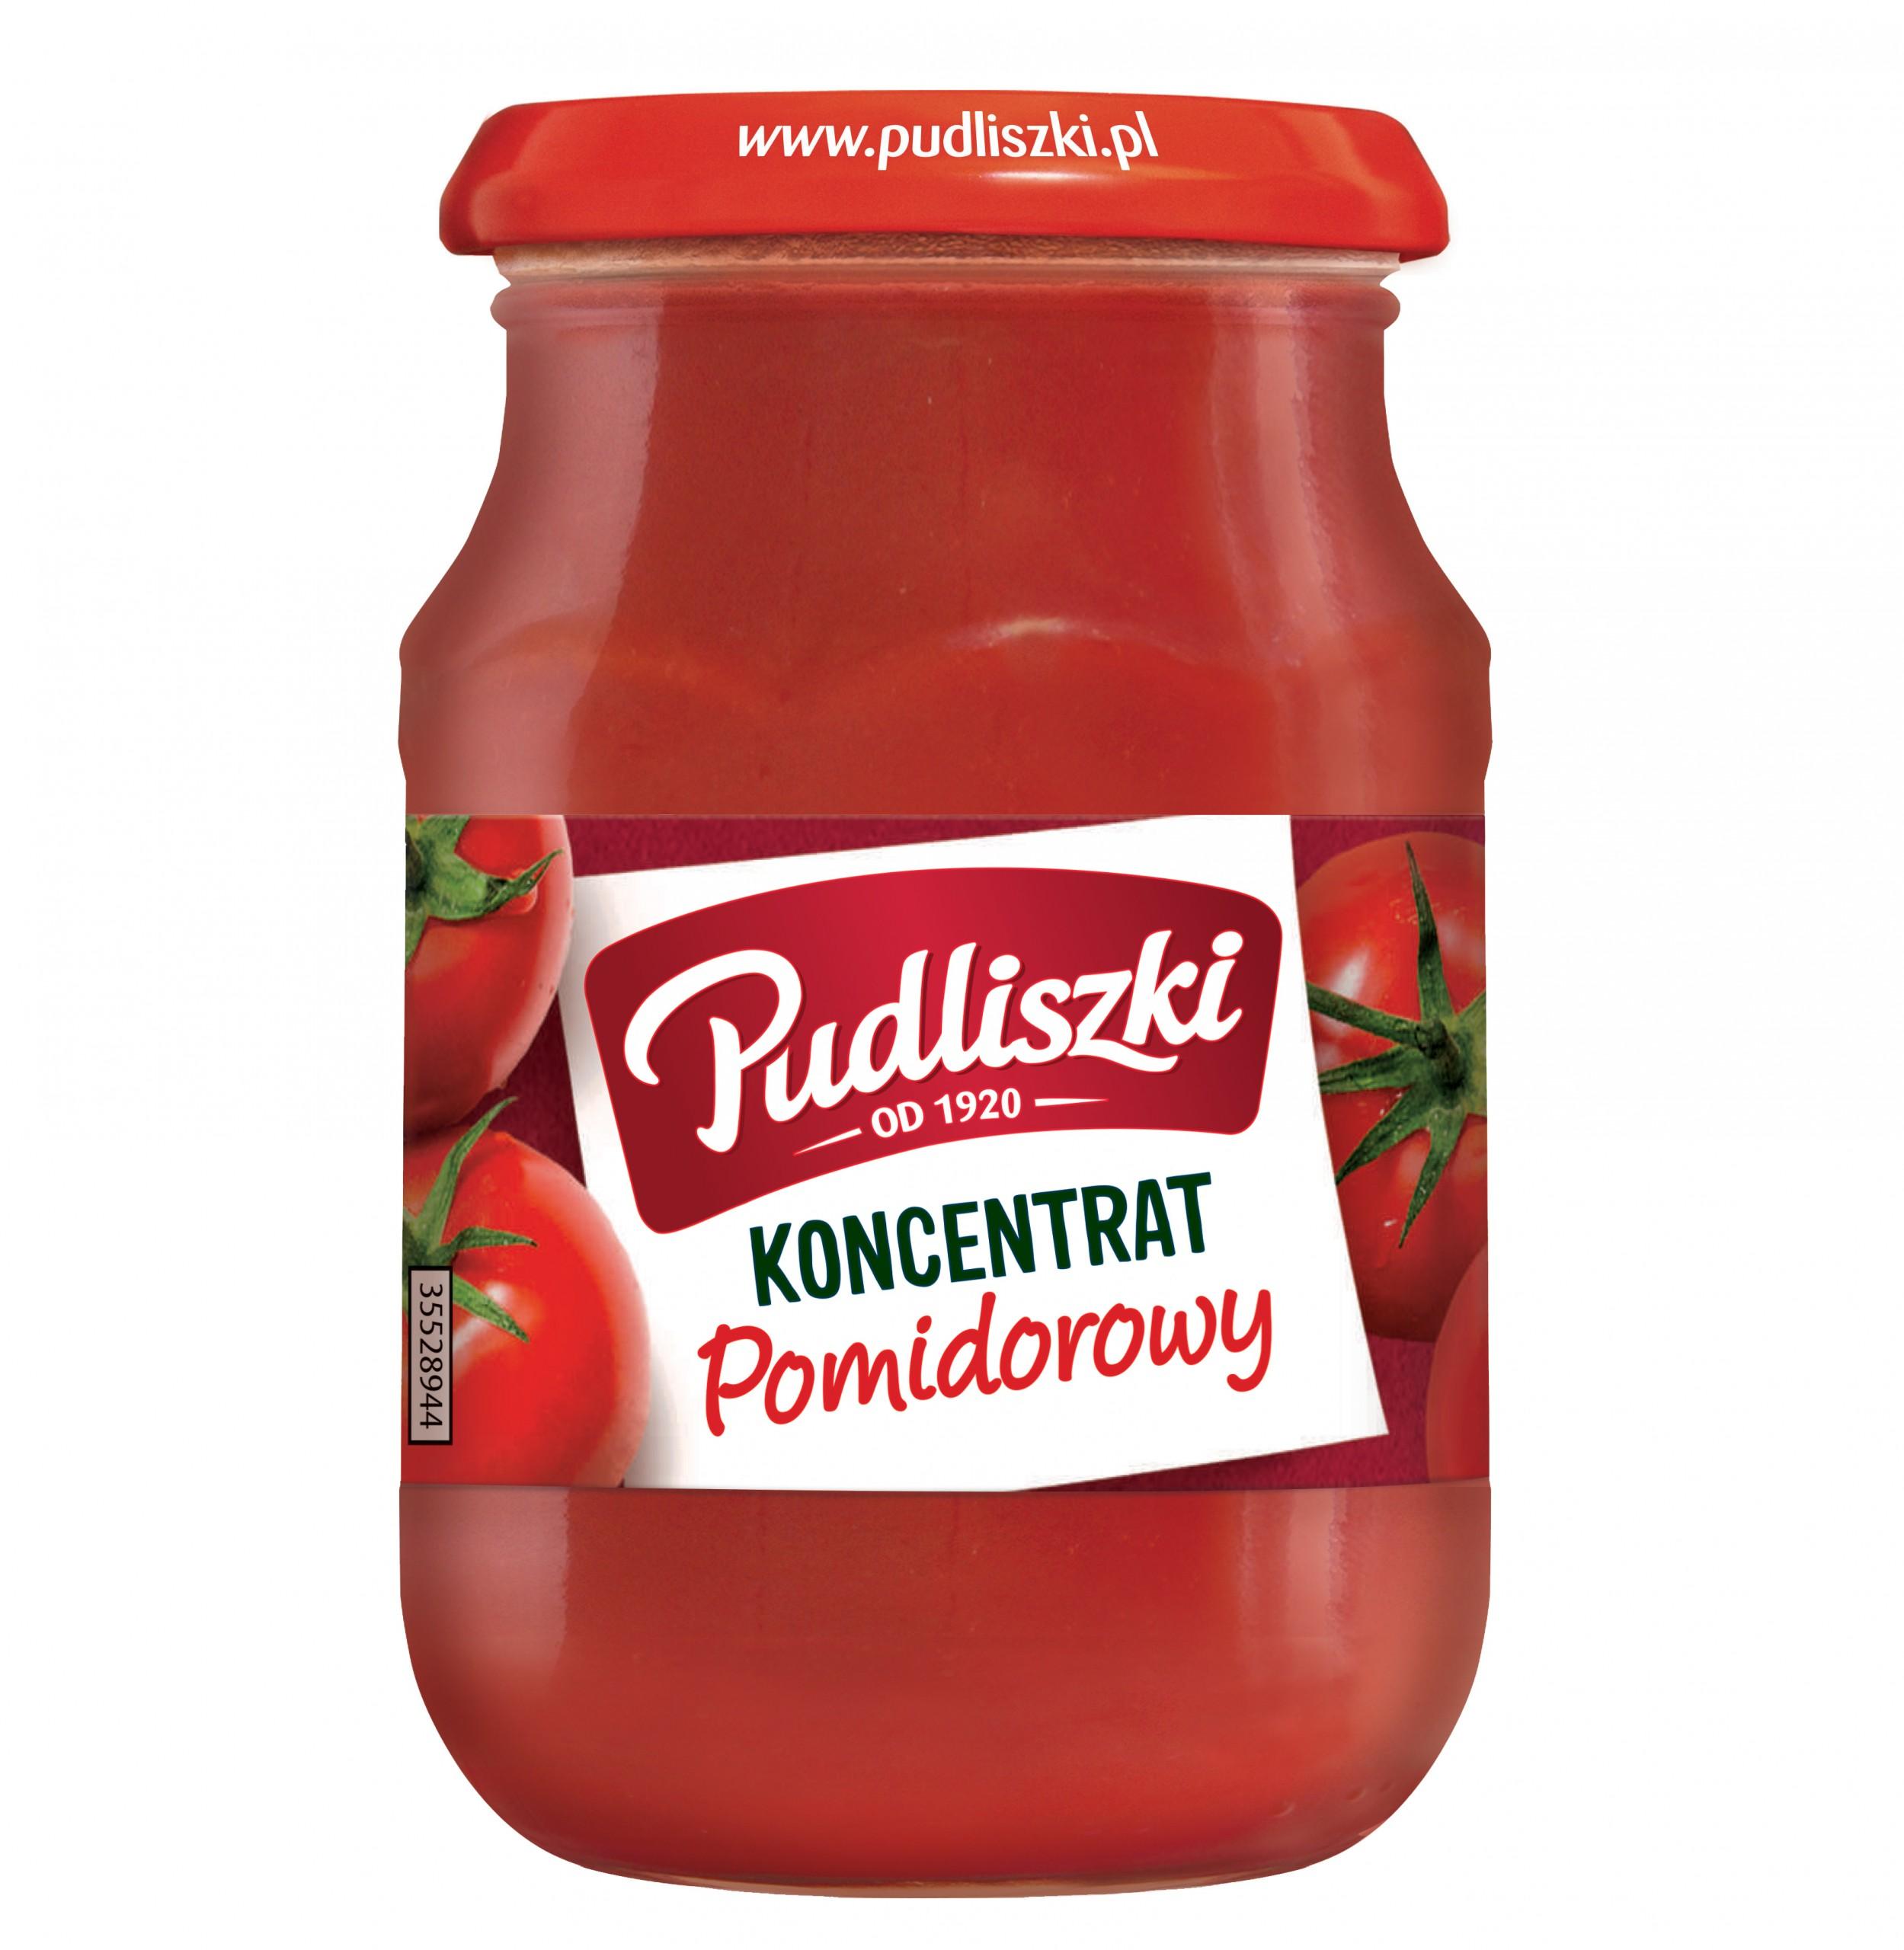 Tomatenmark vom Pudliszki 200 g